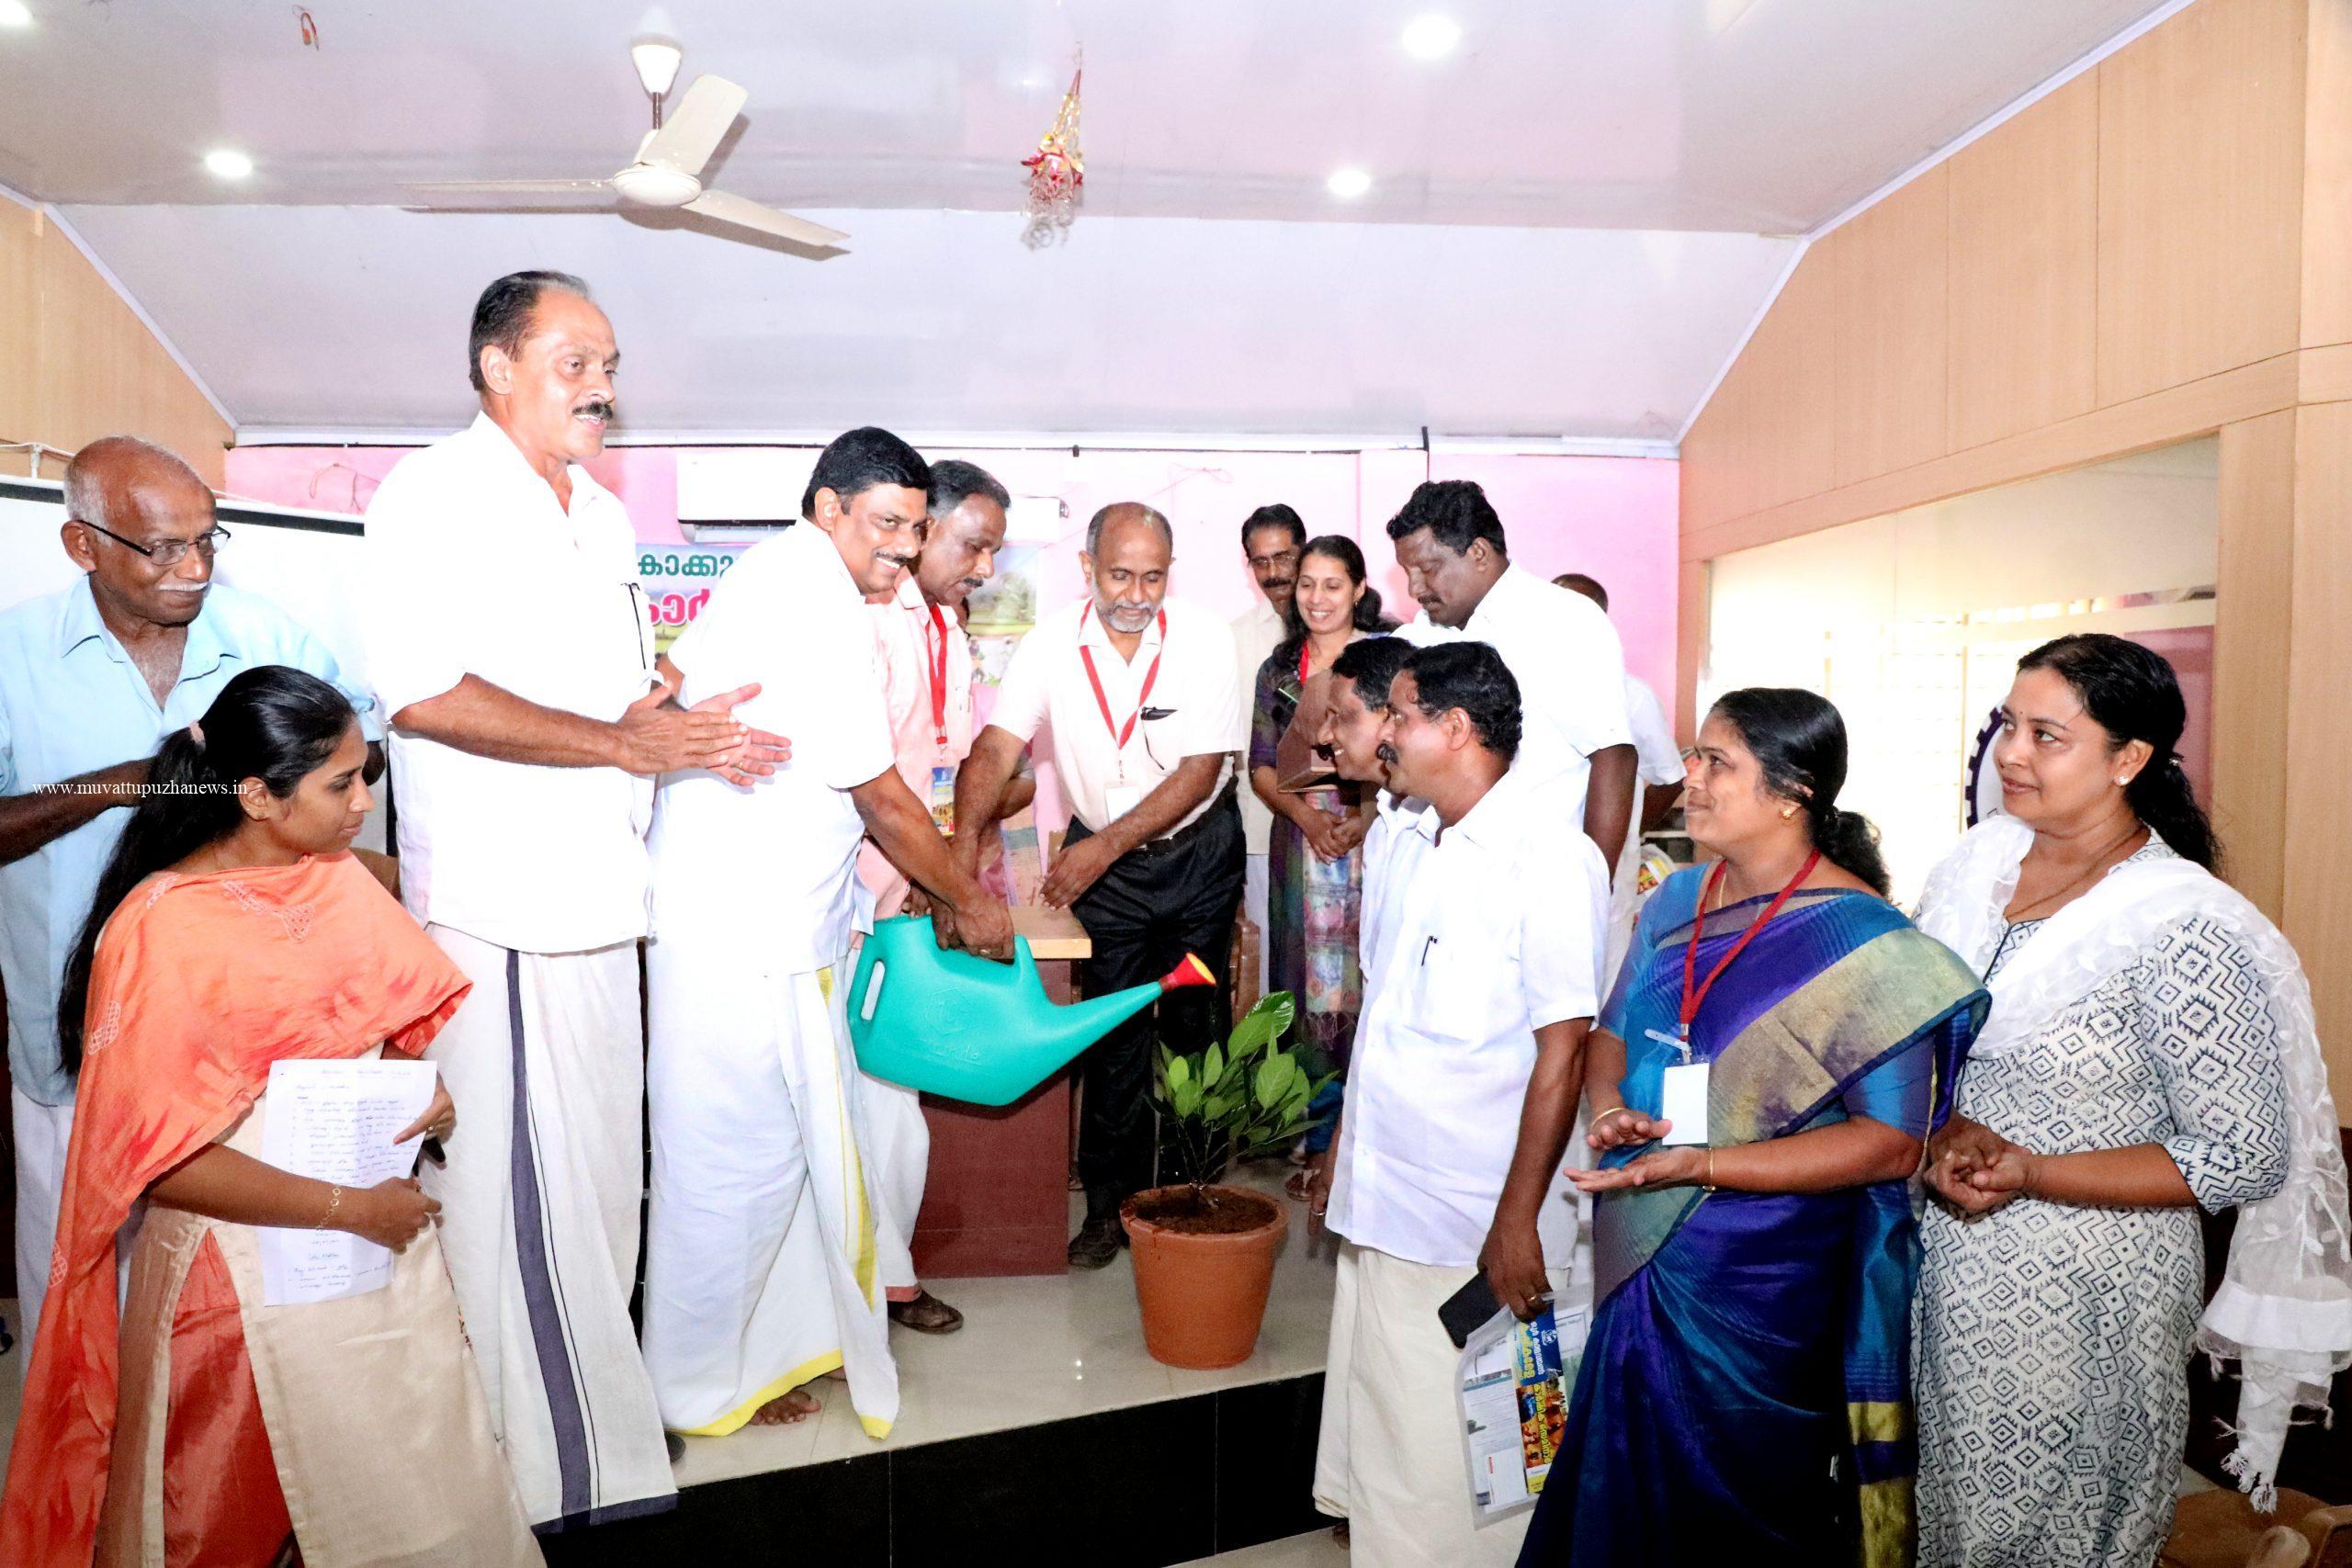 Photo of കാക്കൂർ കാളവയൽ കാർഷിക മേളയുടെ ഭാഗമായി  കാർഷിക സെമിനാർ നടത്തി